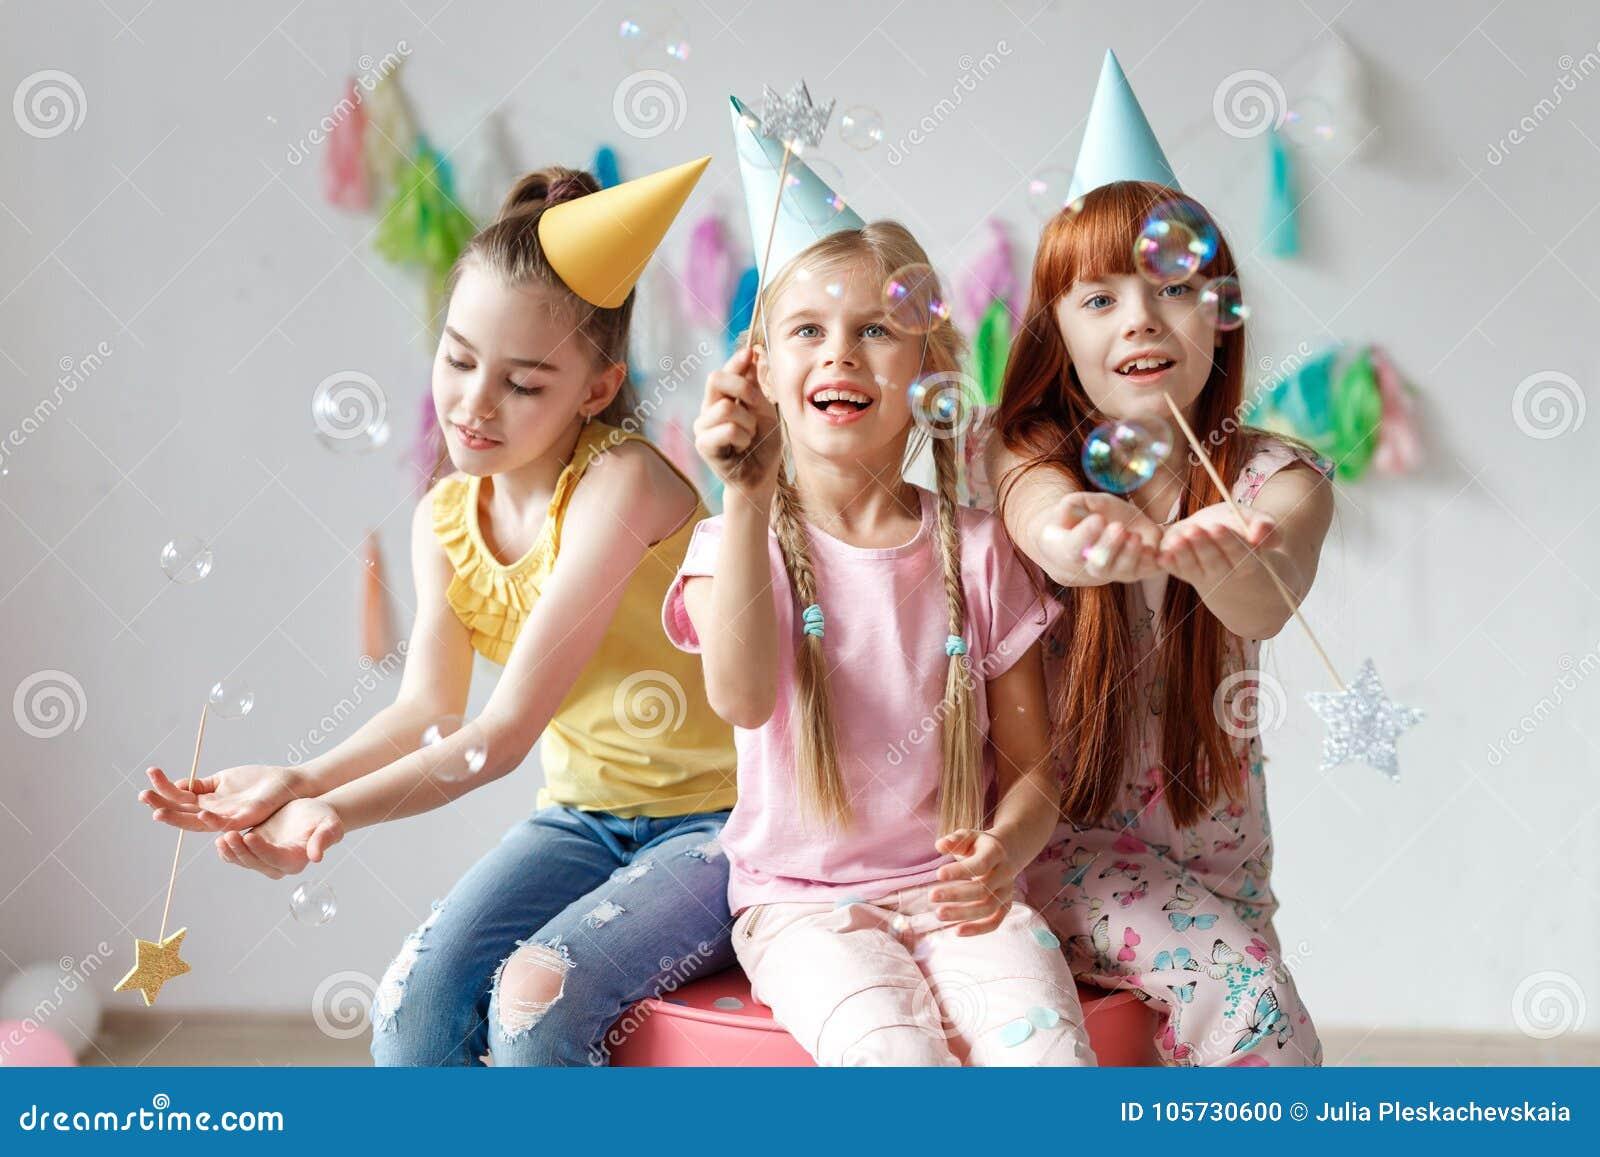 三个美丽的女孩画象戴着欢乐帽子,使用与泡影,一起坐椅子,庆祝生日,是